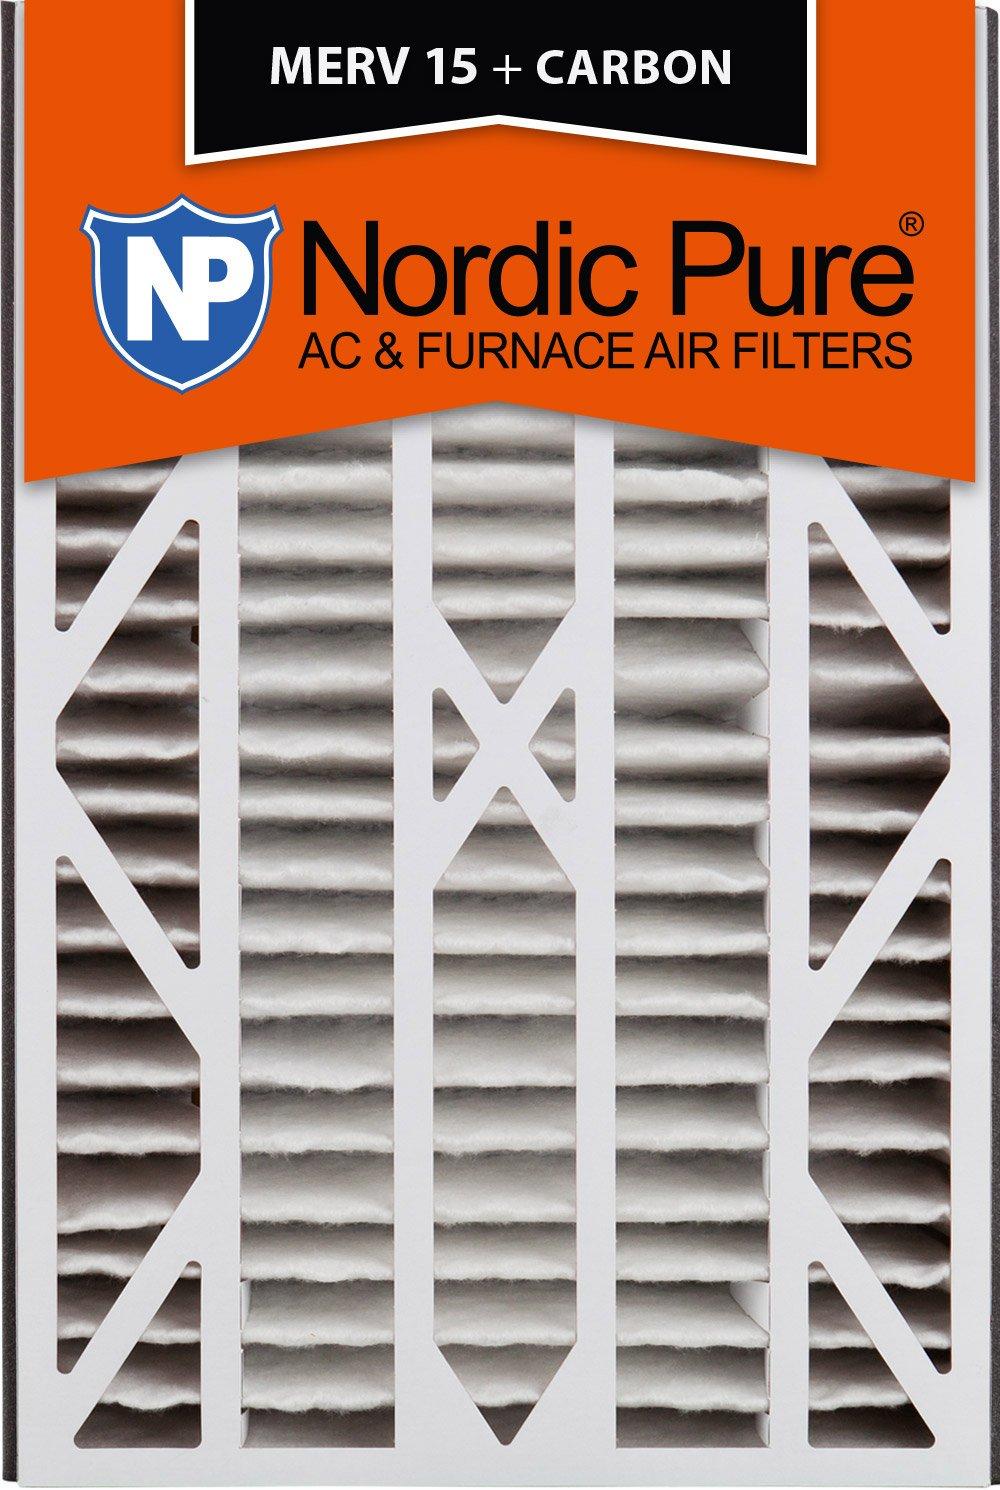 Nordic Pure 16x25x3ABM15+C-1 Merv 15 Plus 碳交流炉过滤器